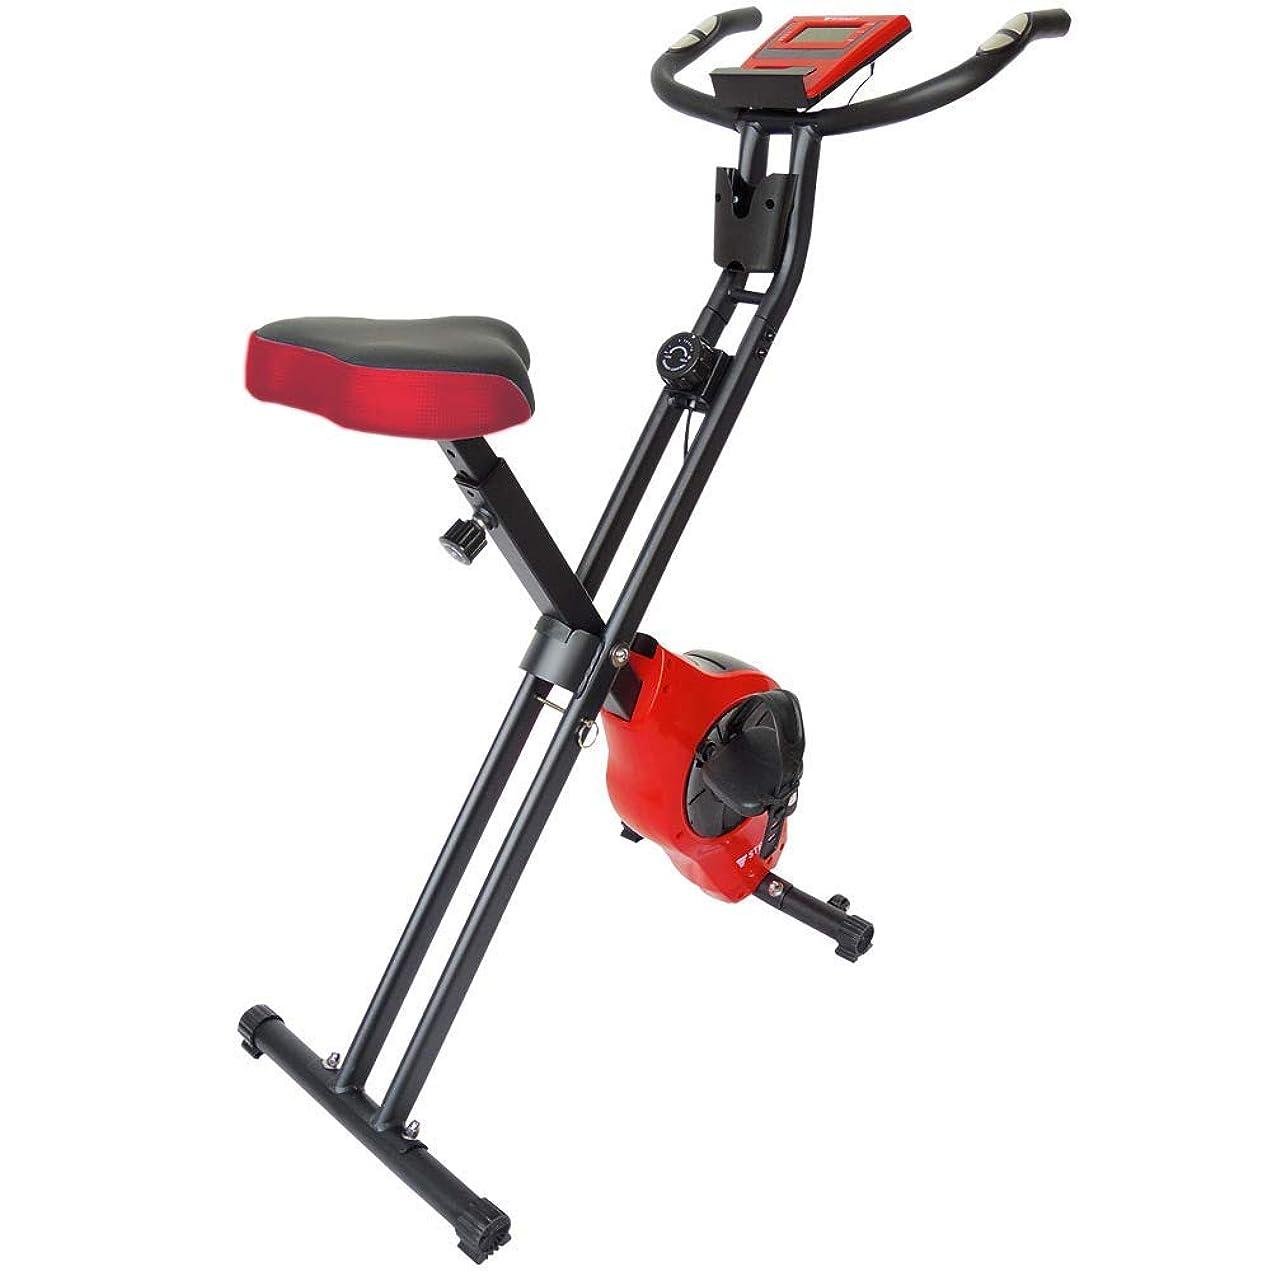 メンテナンス小切手錫STEADY(ステディ) フィットネスバイク 折りたたみ式 小型 クロスバイク 静音マグネット式ベルト 心拍数計測 負荷8段階 電源不要 ST102 [メーカー1年保証] 自転車 トレーニング 有酸素運動 室内運動